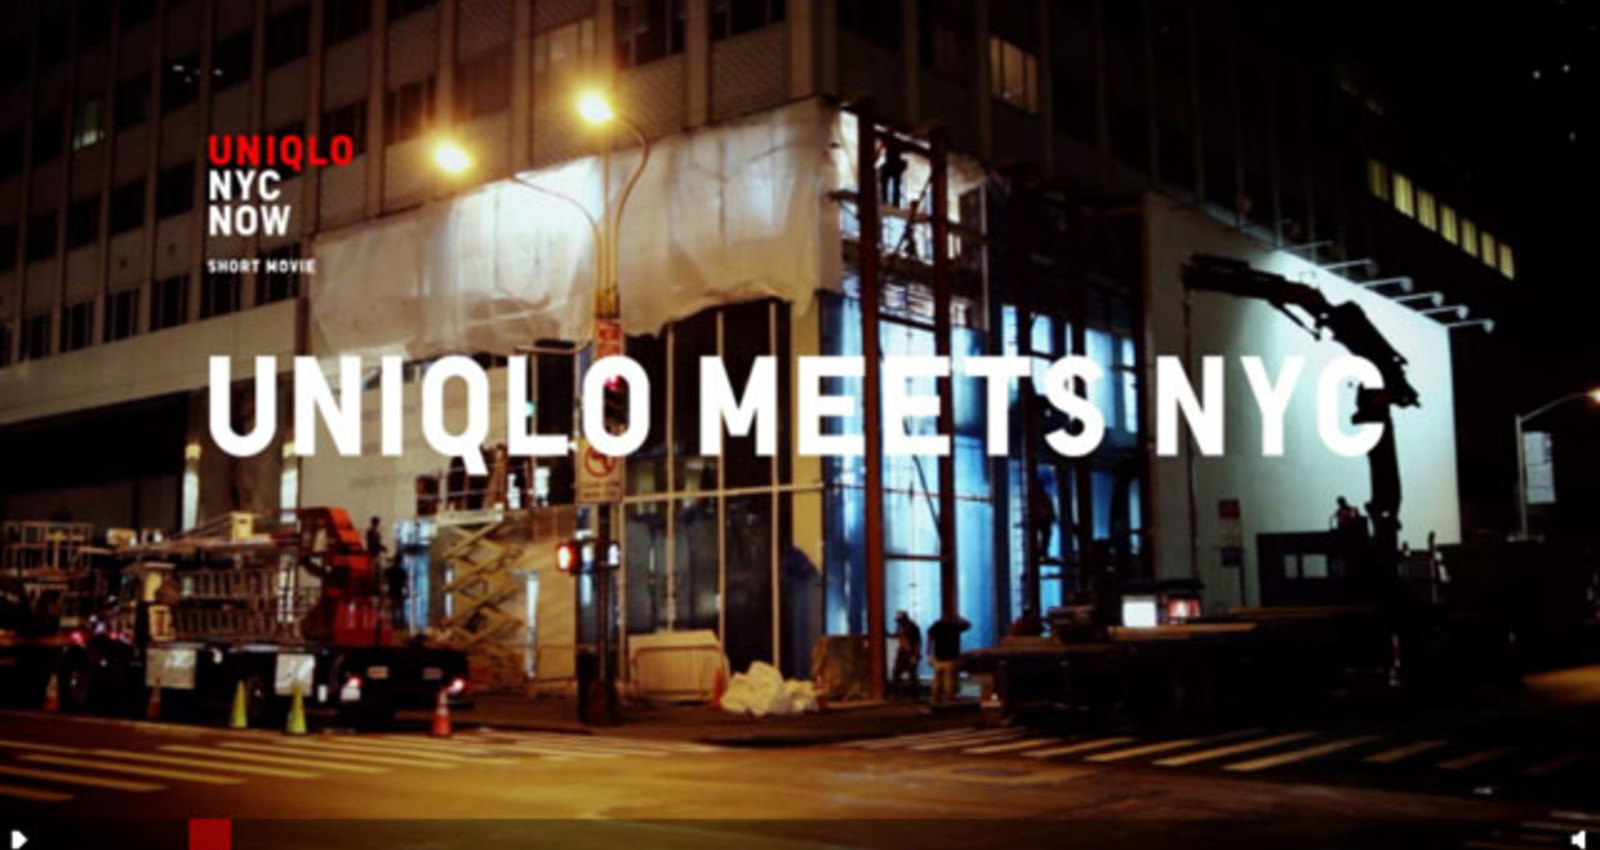 UNIQLO NYC NOW